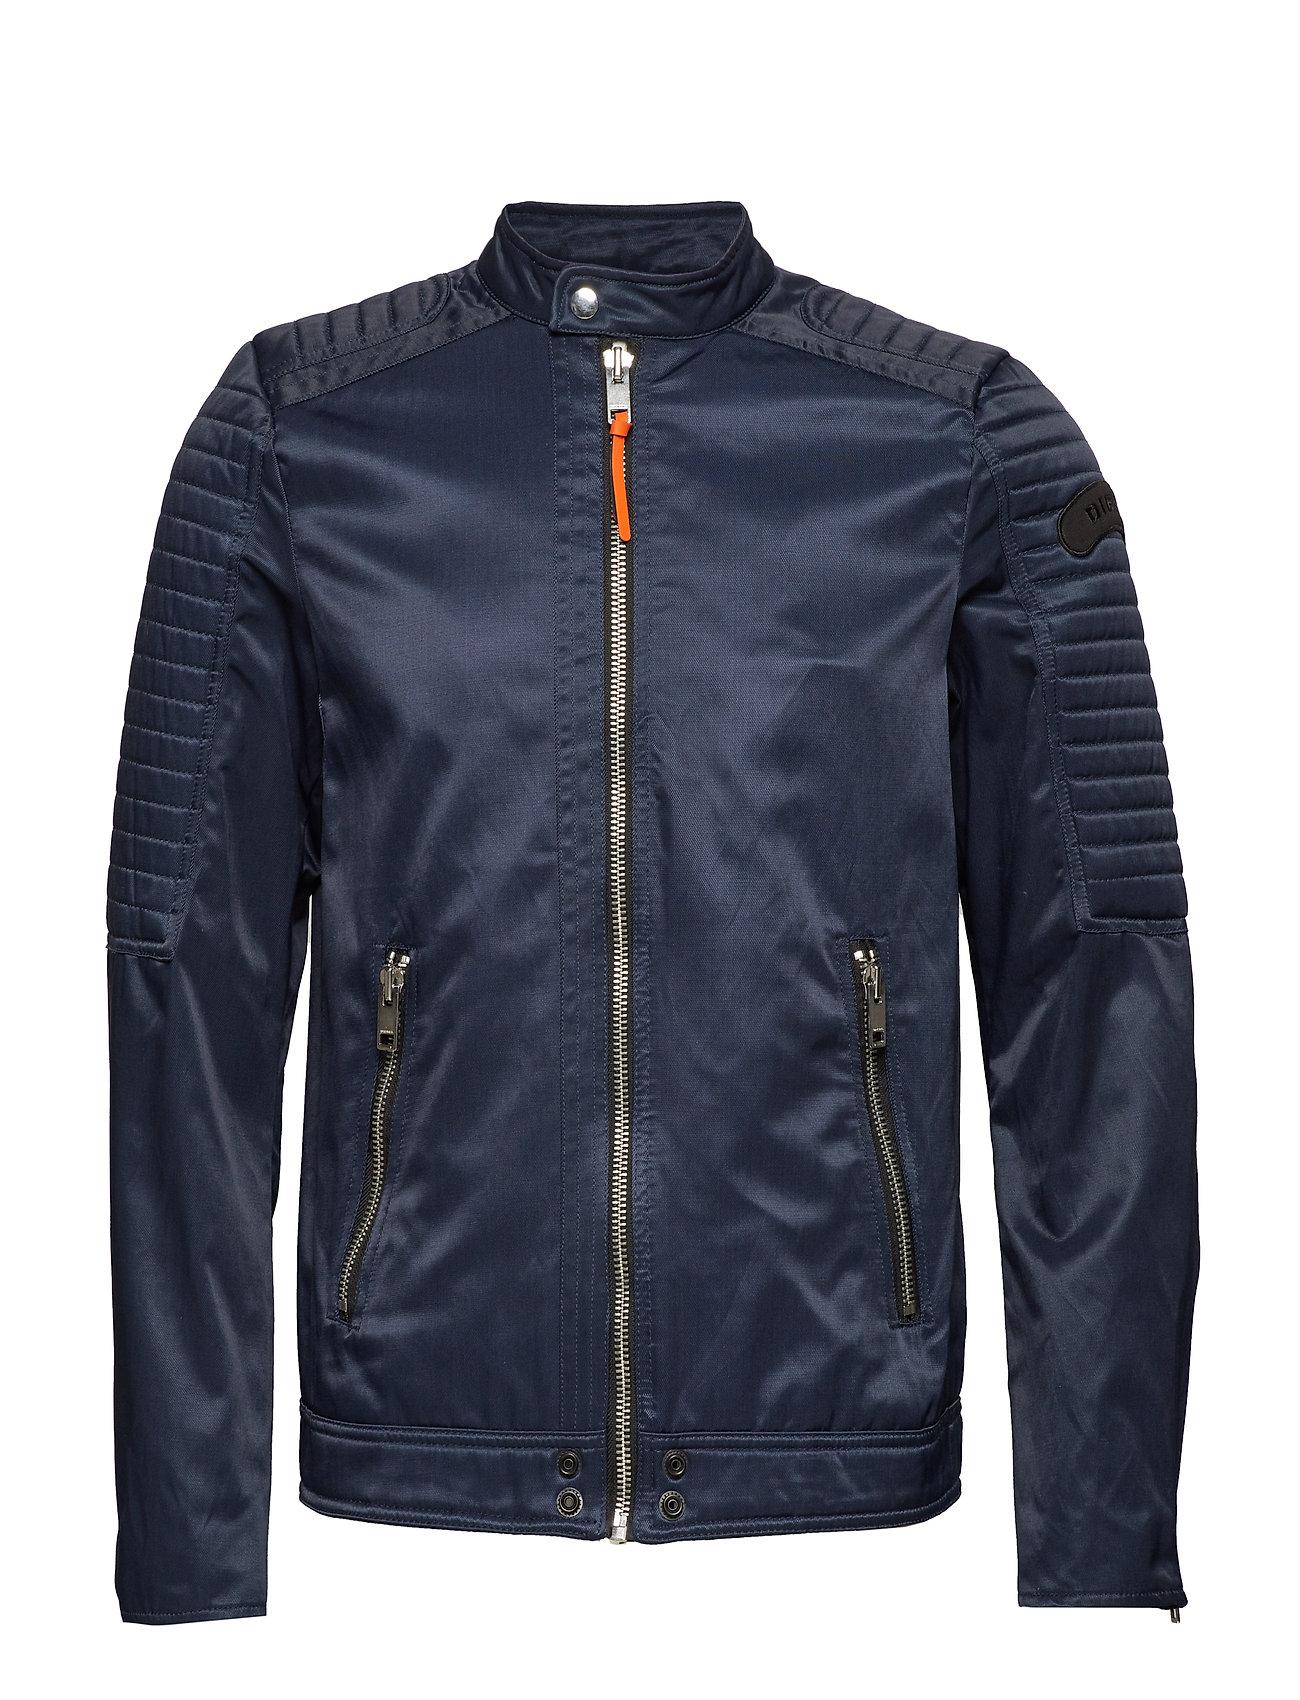 21892fbaa J-Shiro Jacket Jakke Blå DIESEL MEN